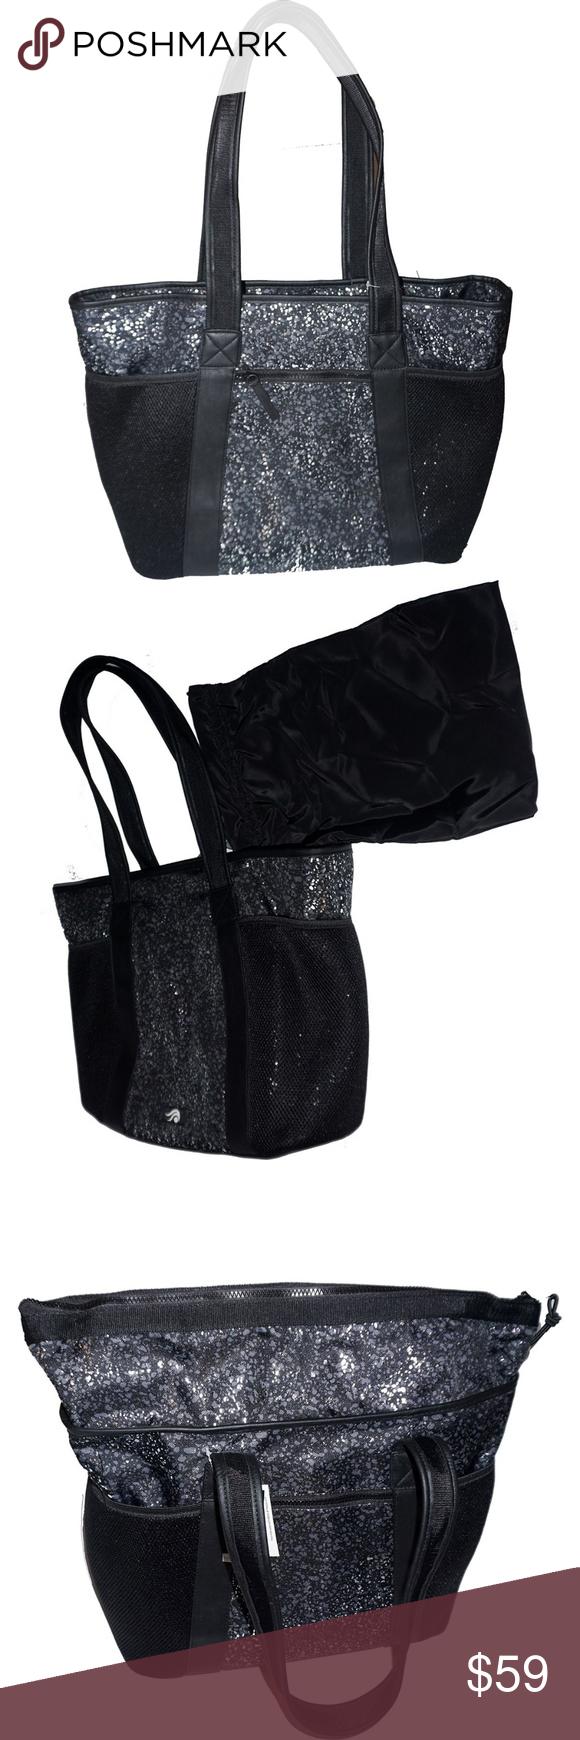 e366c0836e Ideology Active Tote Handbag Black Splatter Ideology Active Tote Handbag  Black Splatter Ideology active tote Nylon